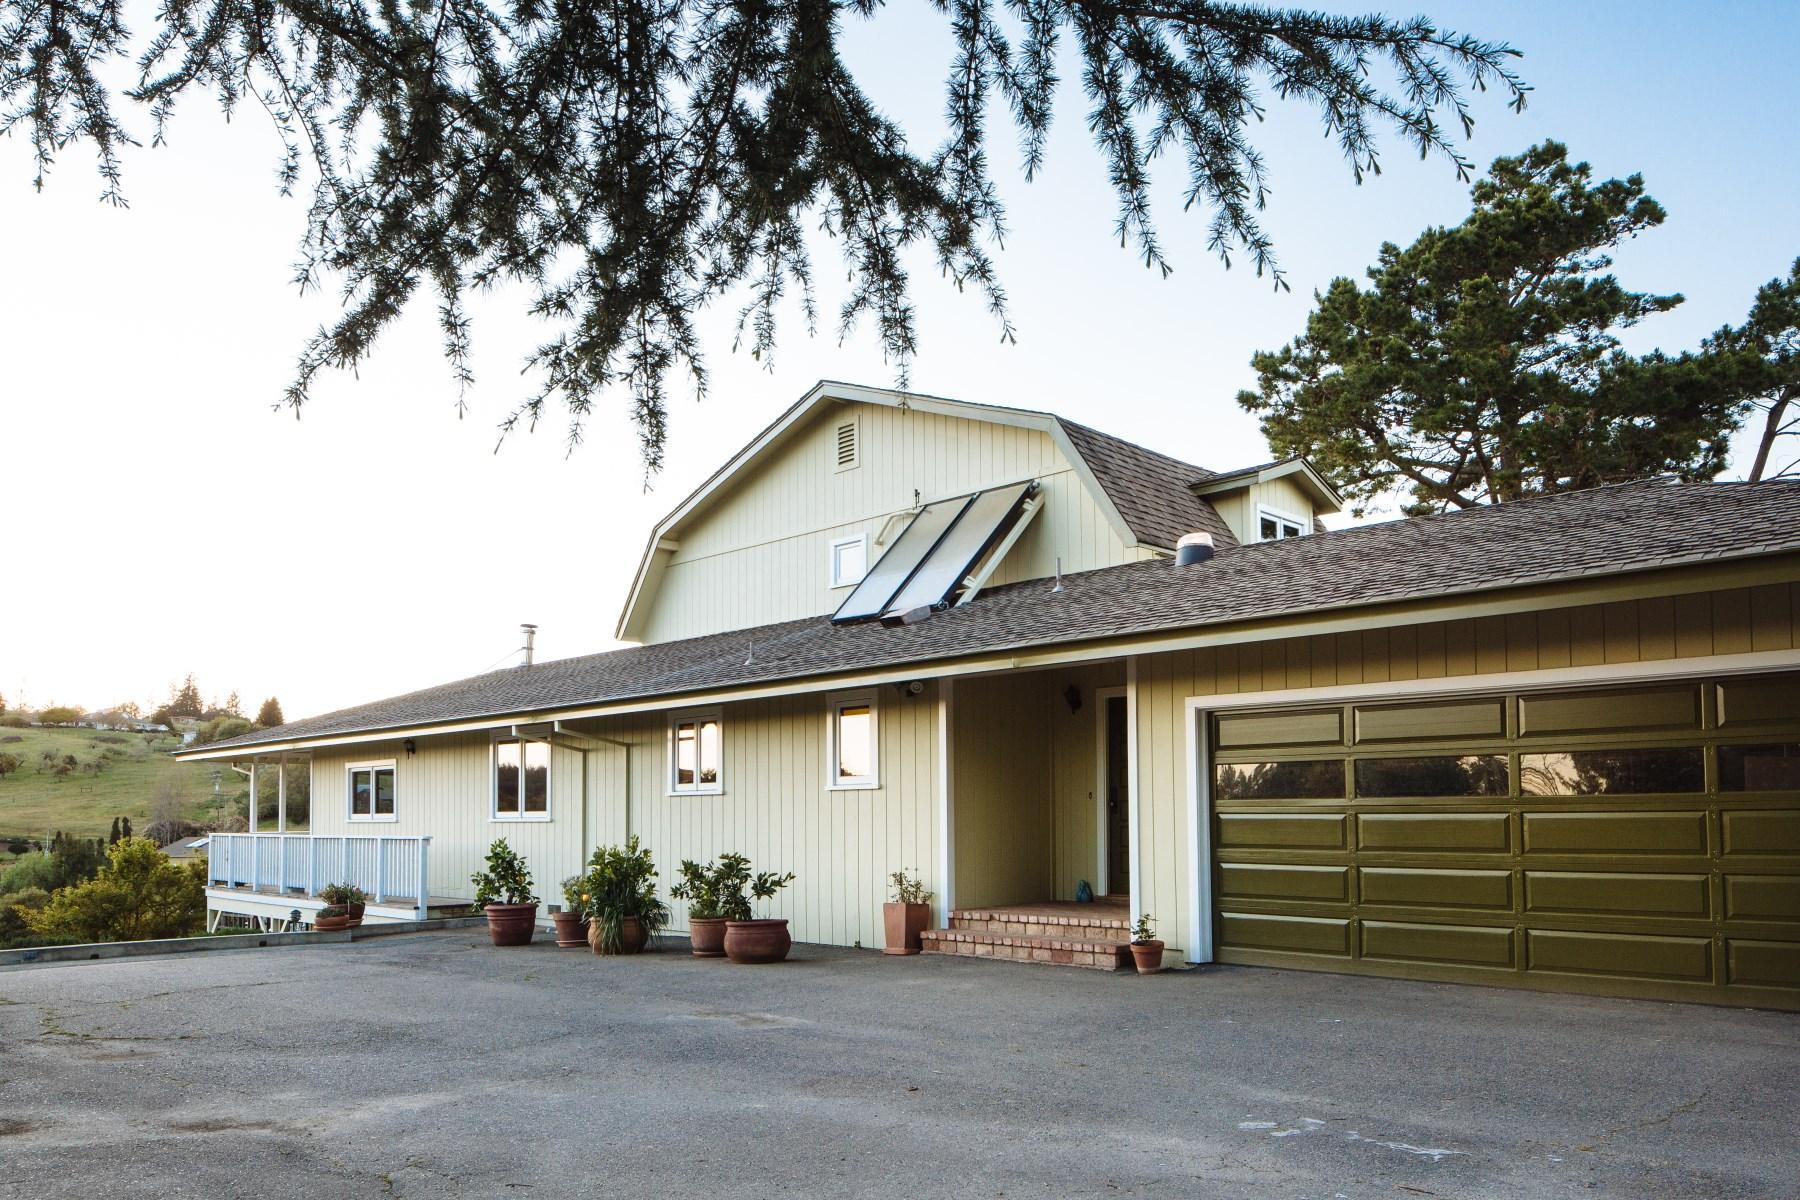 단독 가정 주택 용 매매 에 Sustainable Living in Sonoma County 749 Ferguson Rd Sebastopol, 캘리포니아, 95472 미국